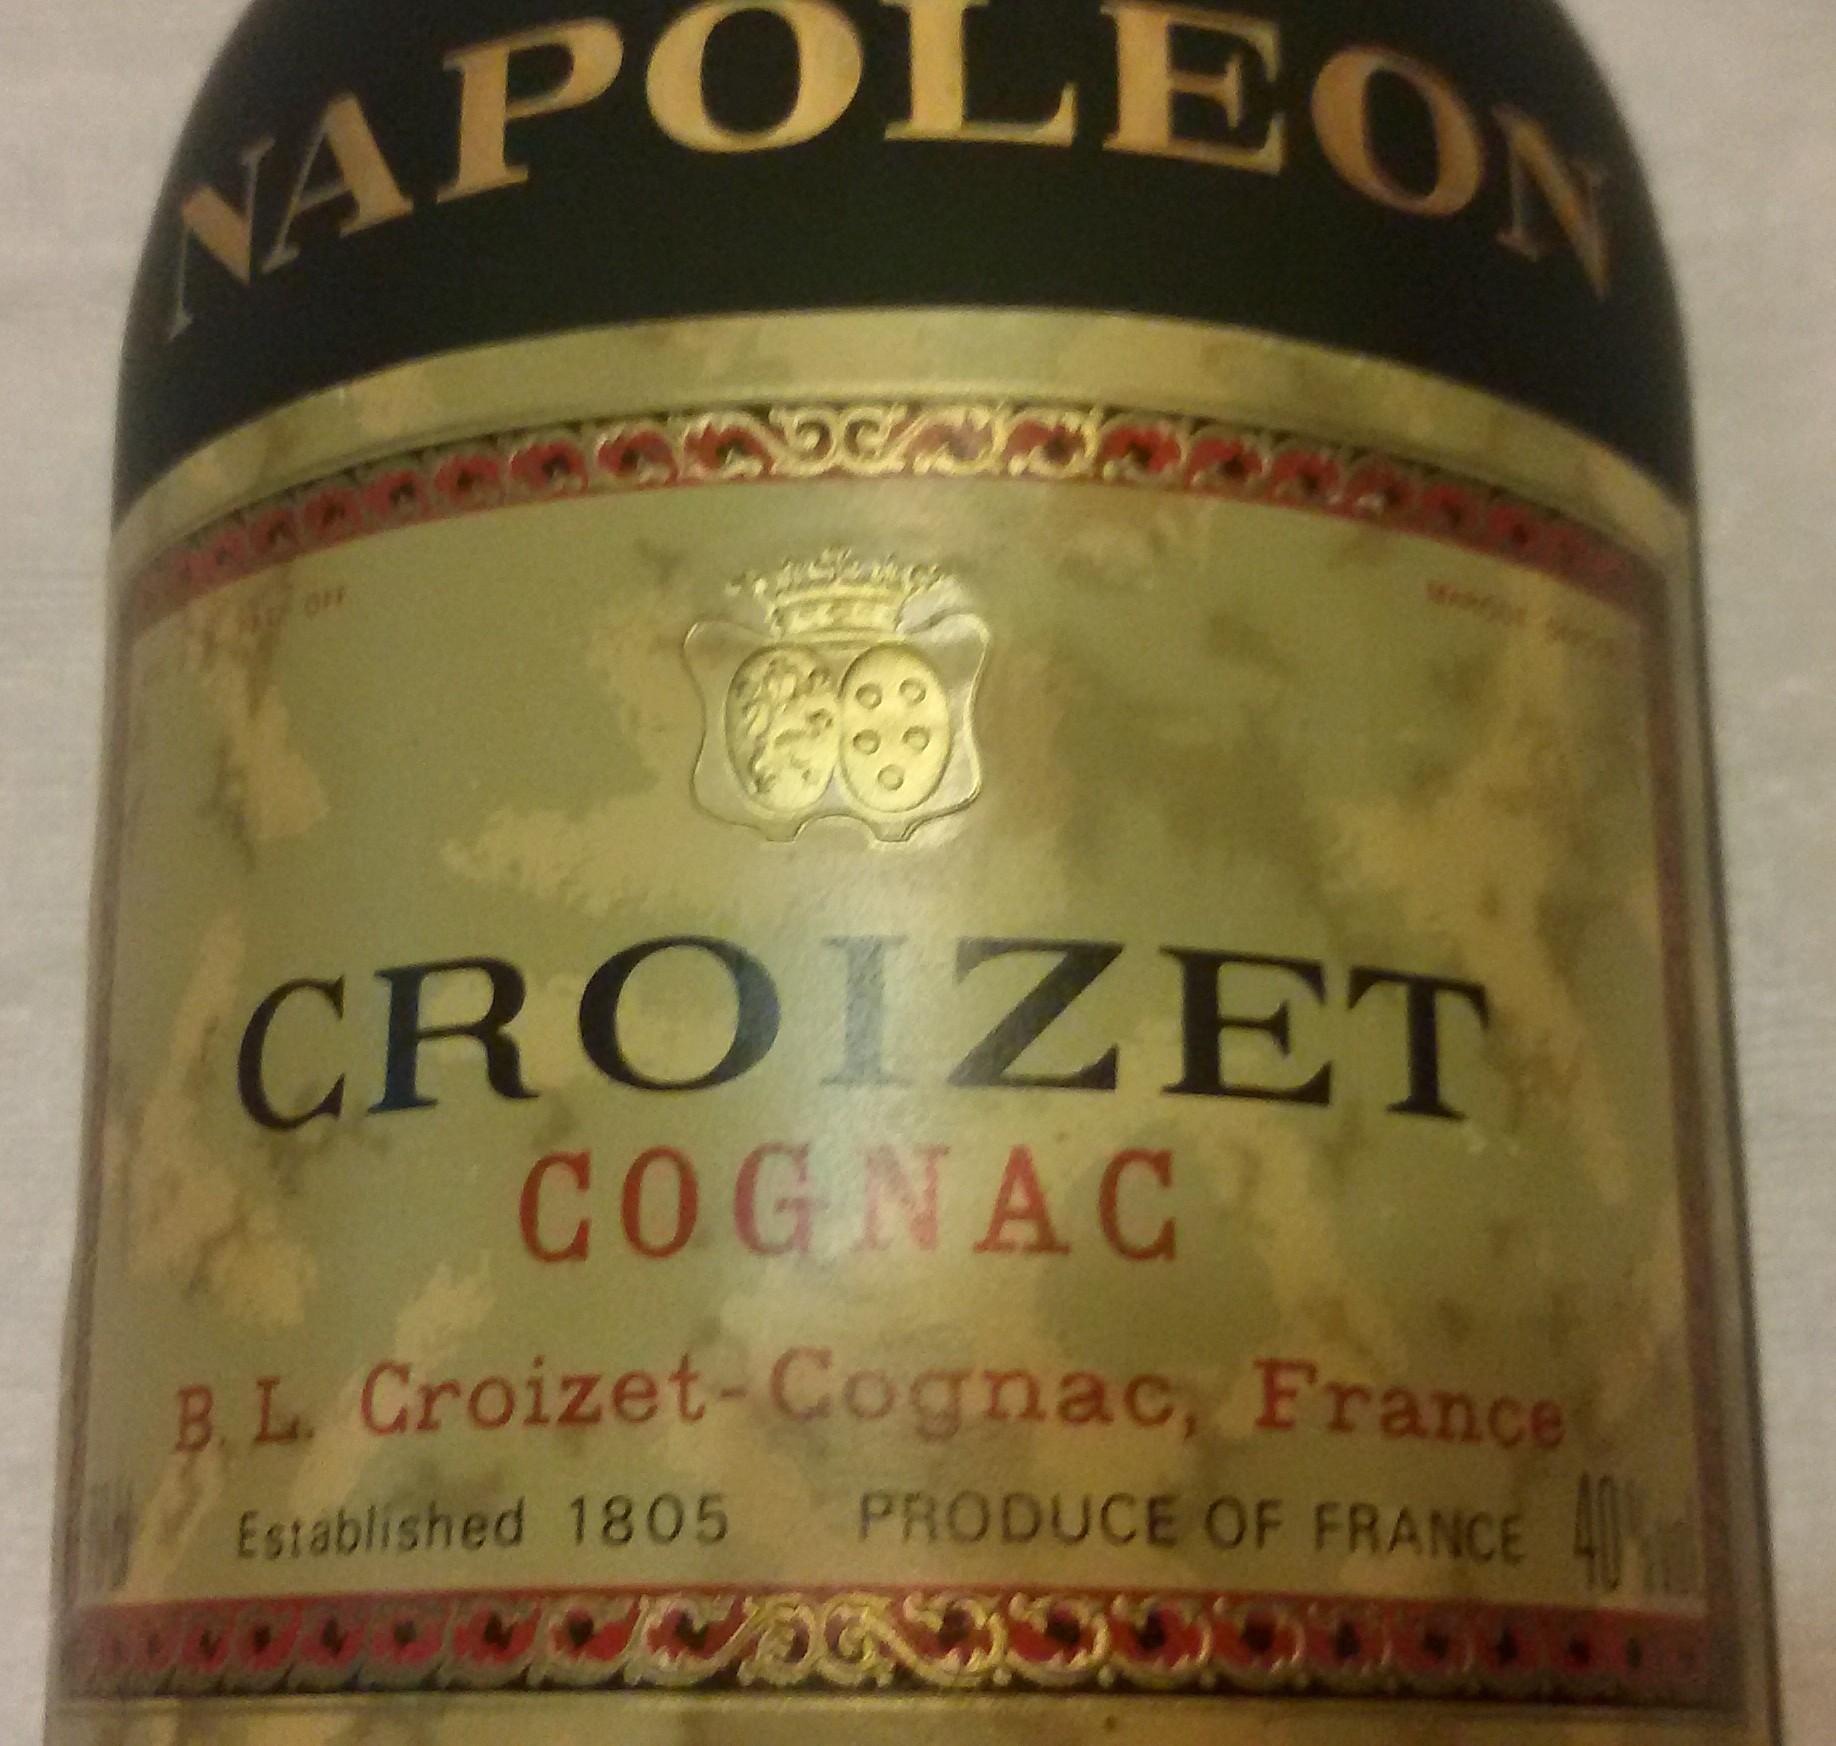 Croizet Napoleon Cognac